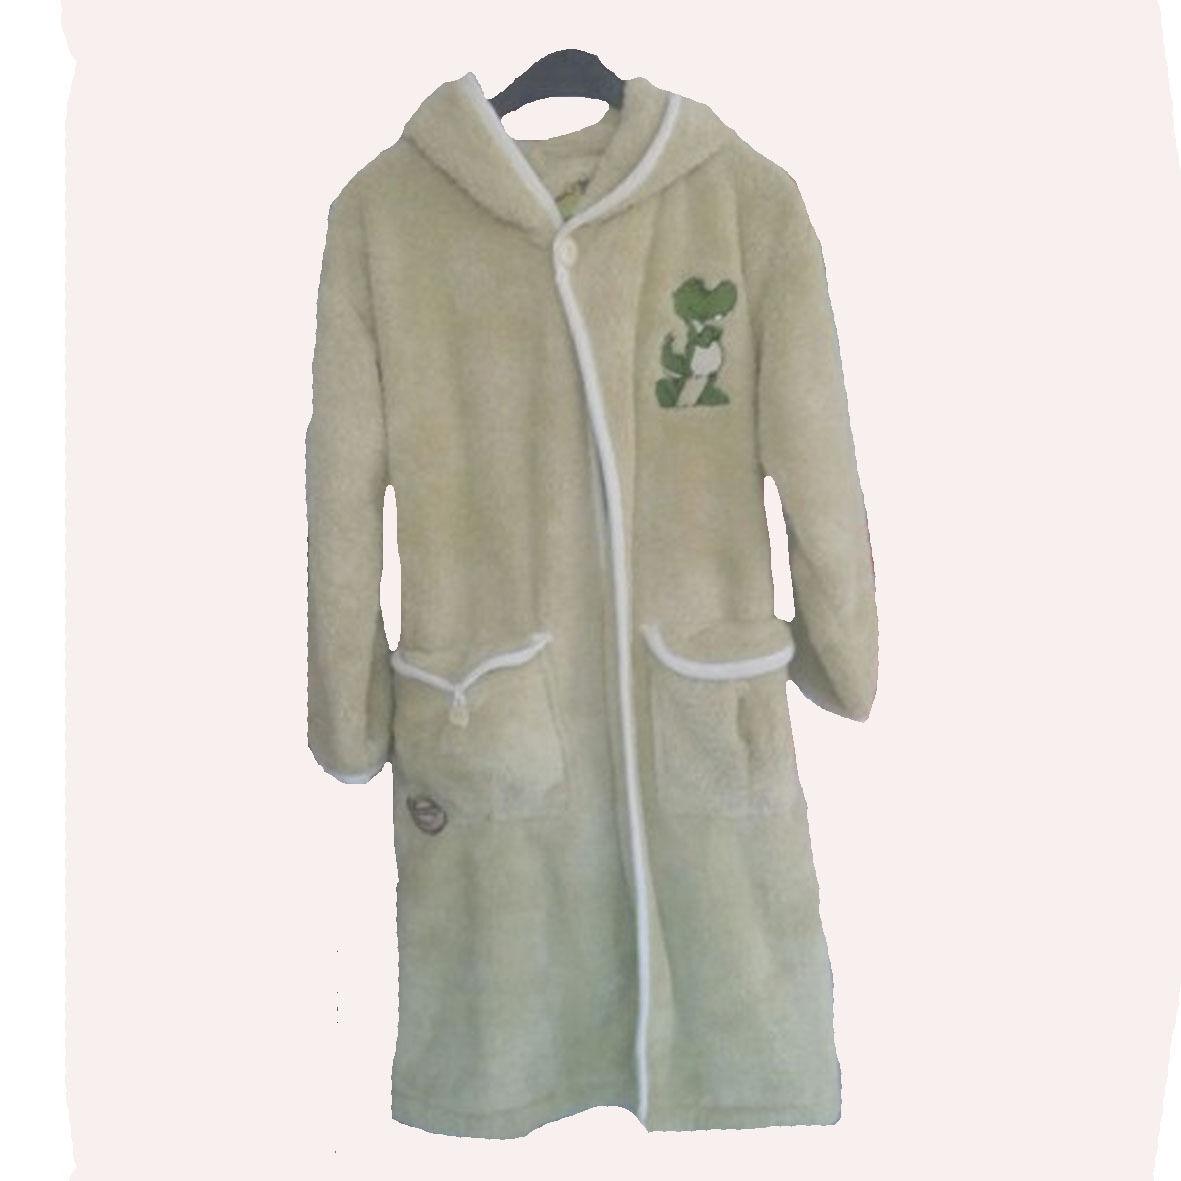 NICI vestaglia verde con draghetto ricamata in peluches morbidissima con cinta